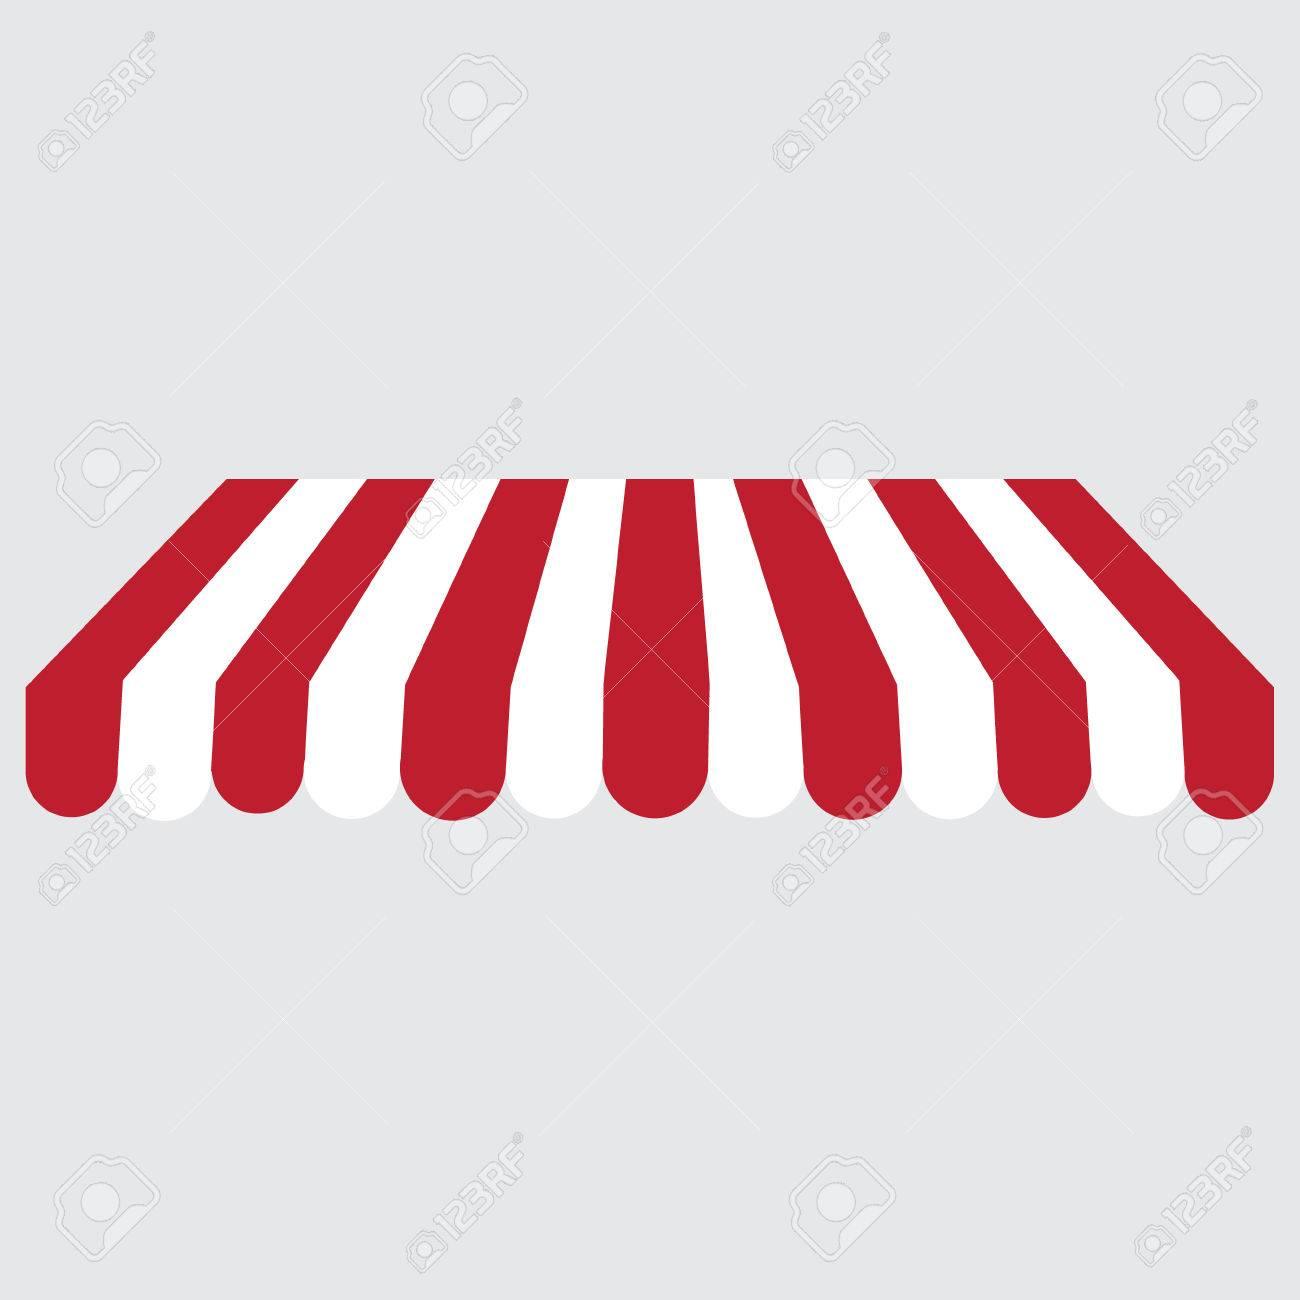 Bekannt Gestreifte Rot Und Weiß-Shop, Schaufenster-Markise Raster-Symbol VU51